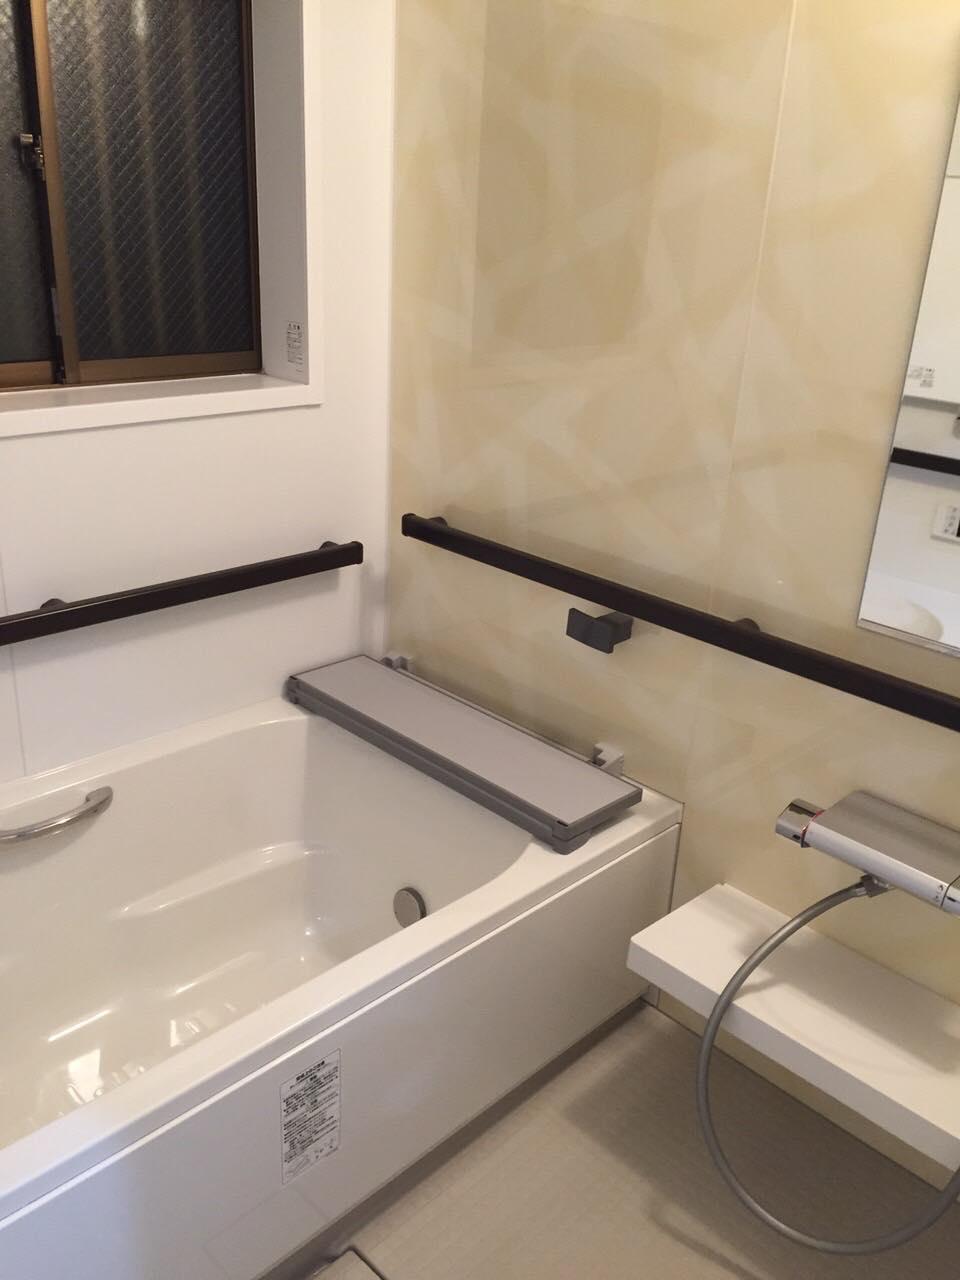 11/14 浴室、レンジフードクリーニング@保土ヶ谷区川辺町